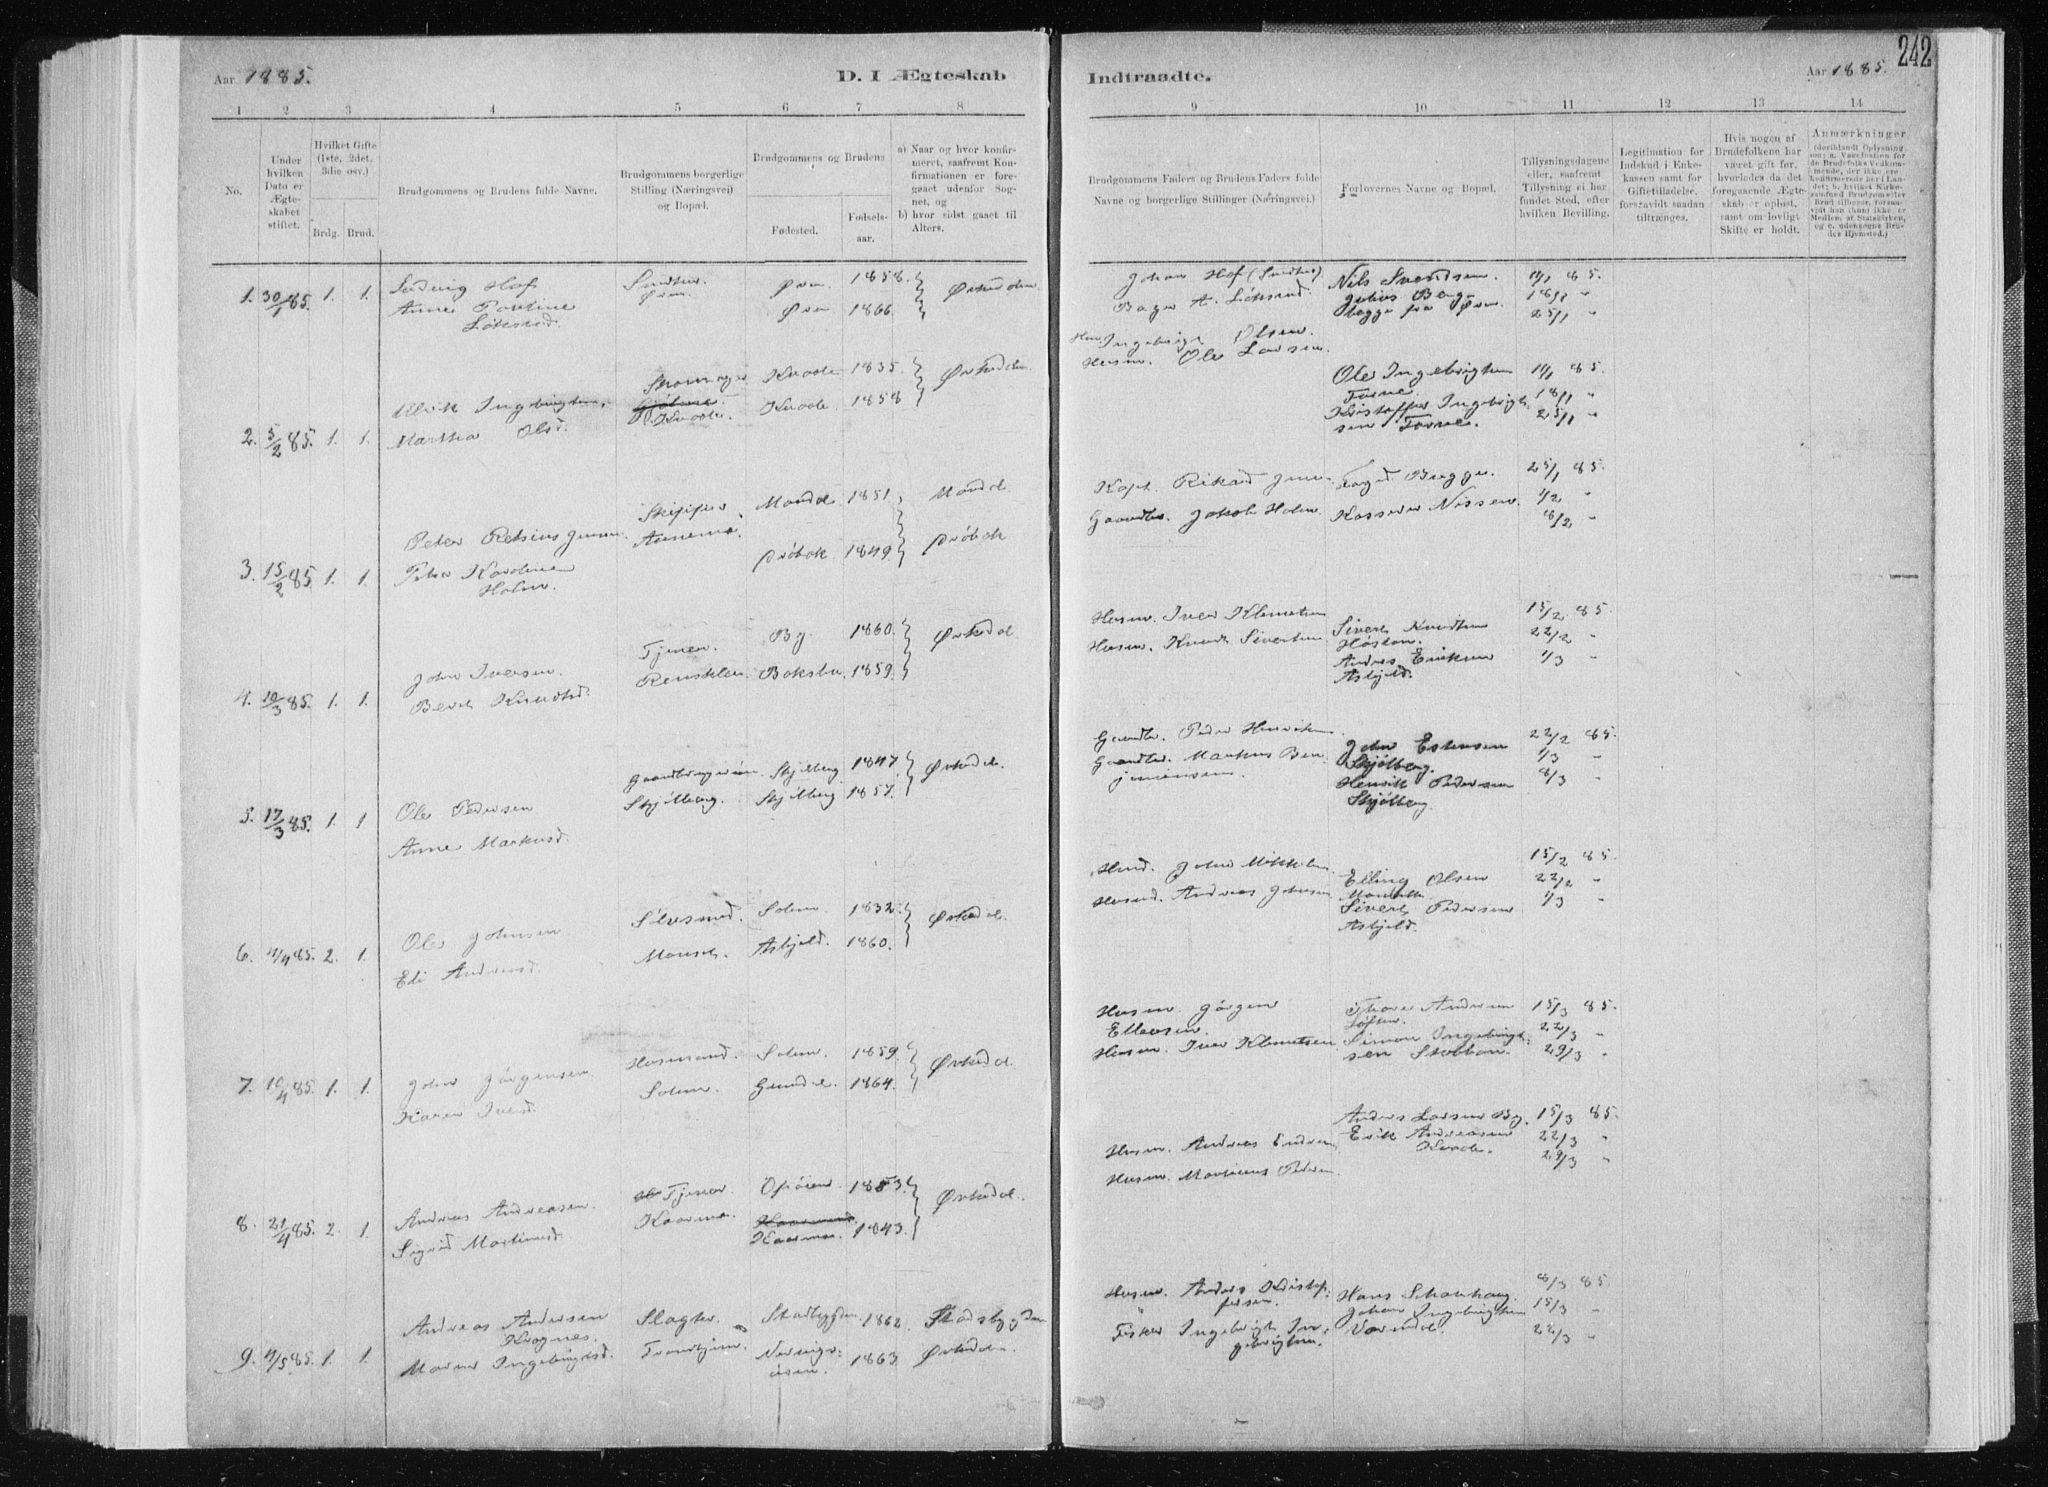 SAT, Ministerialprotokoller, klokkerbøker og fødselsregistre - Sør-Trøndelag, 668/L0818: Klokkerbok nr. 668C07, 1885-1898, s. 242